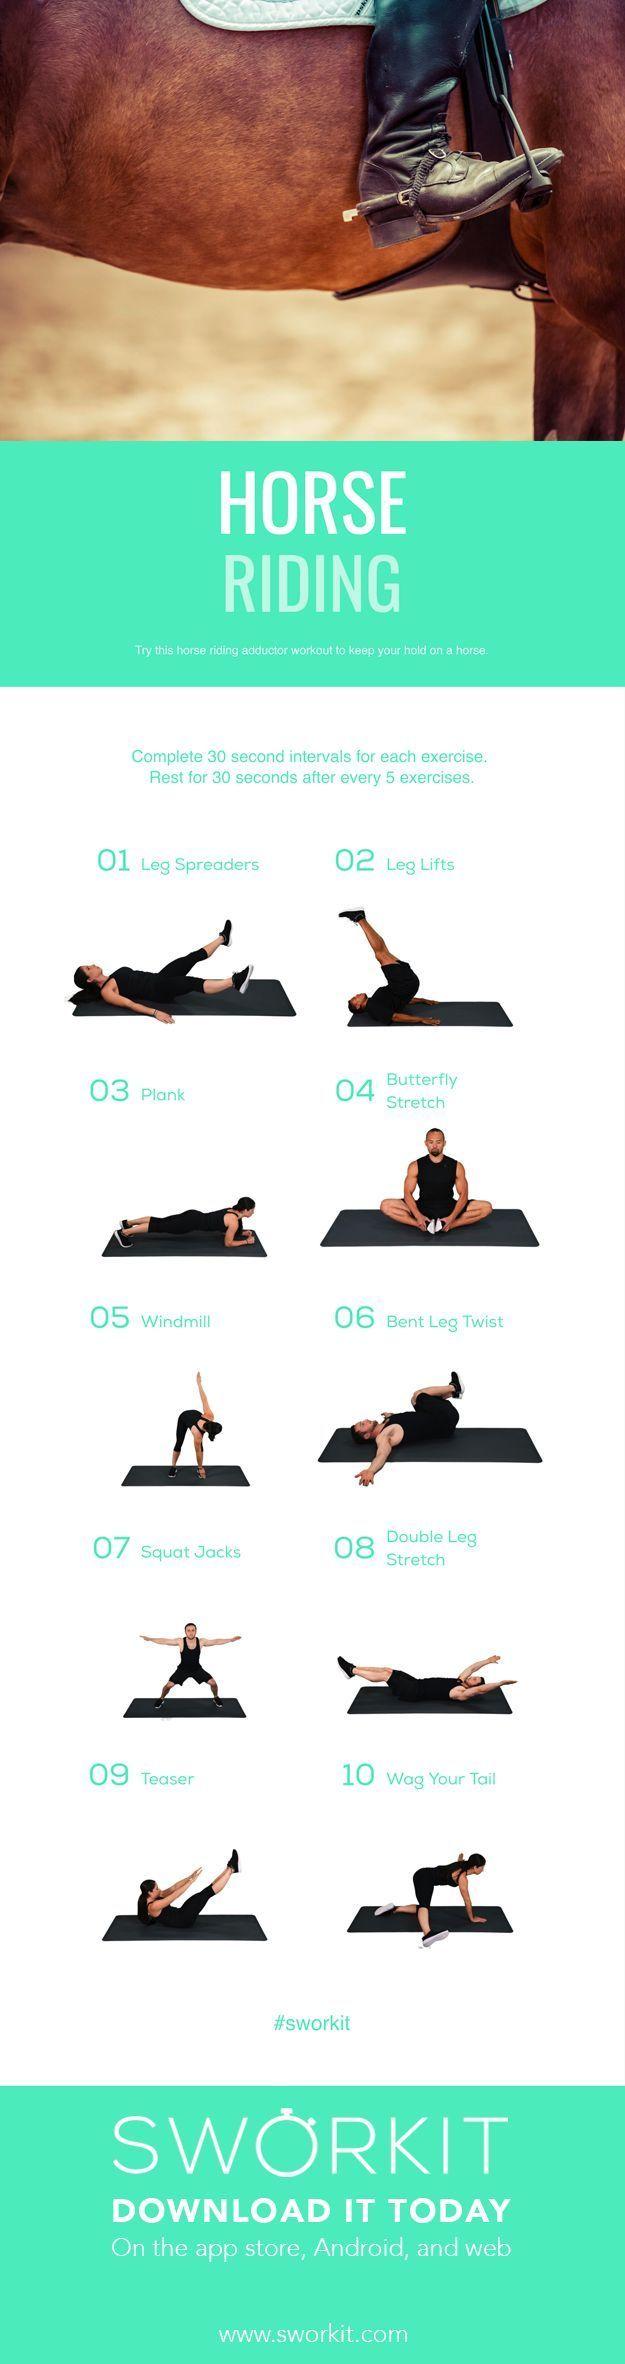 Sworkit Fitness Apps Reiten Konditionstraining. Konzentrieren Sie sich auf Ihre Addu ...,  #fitness...